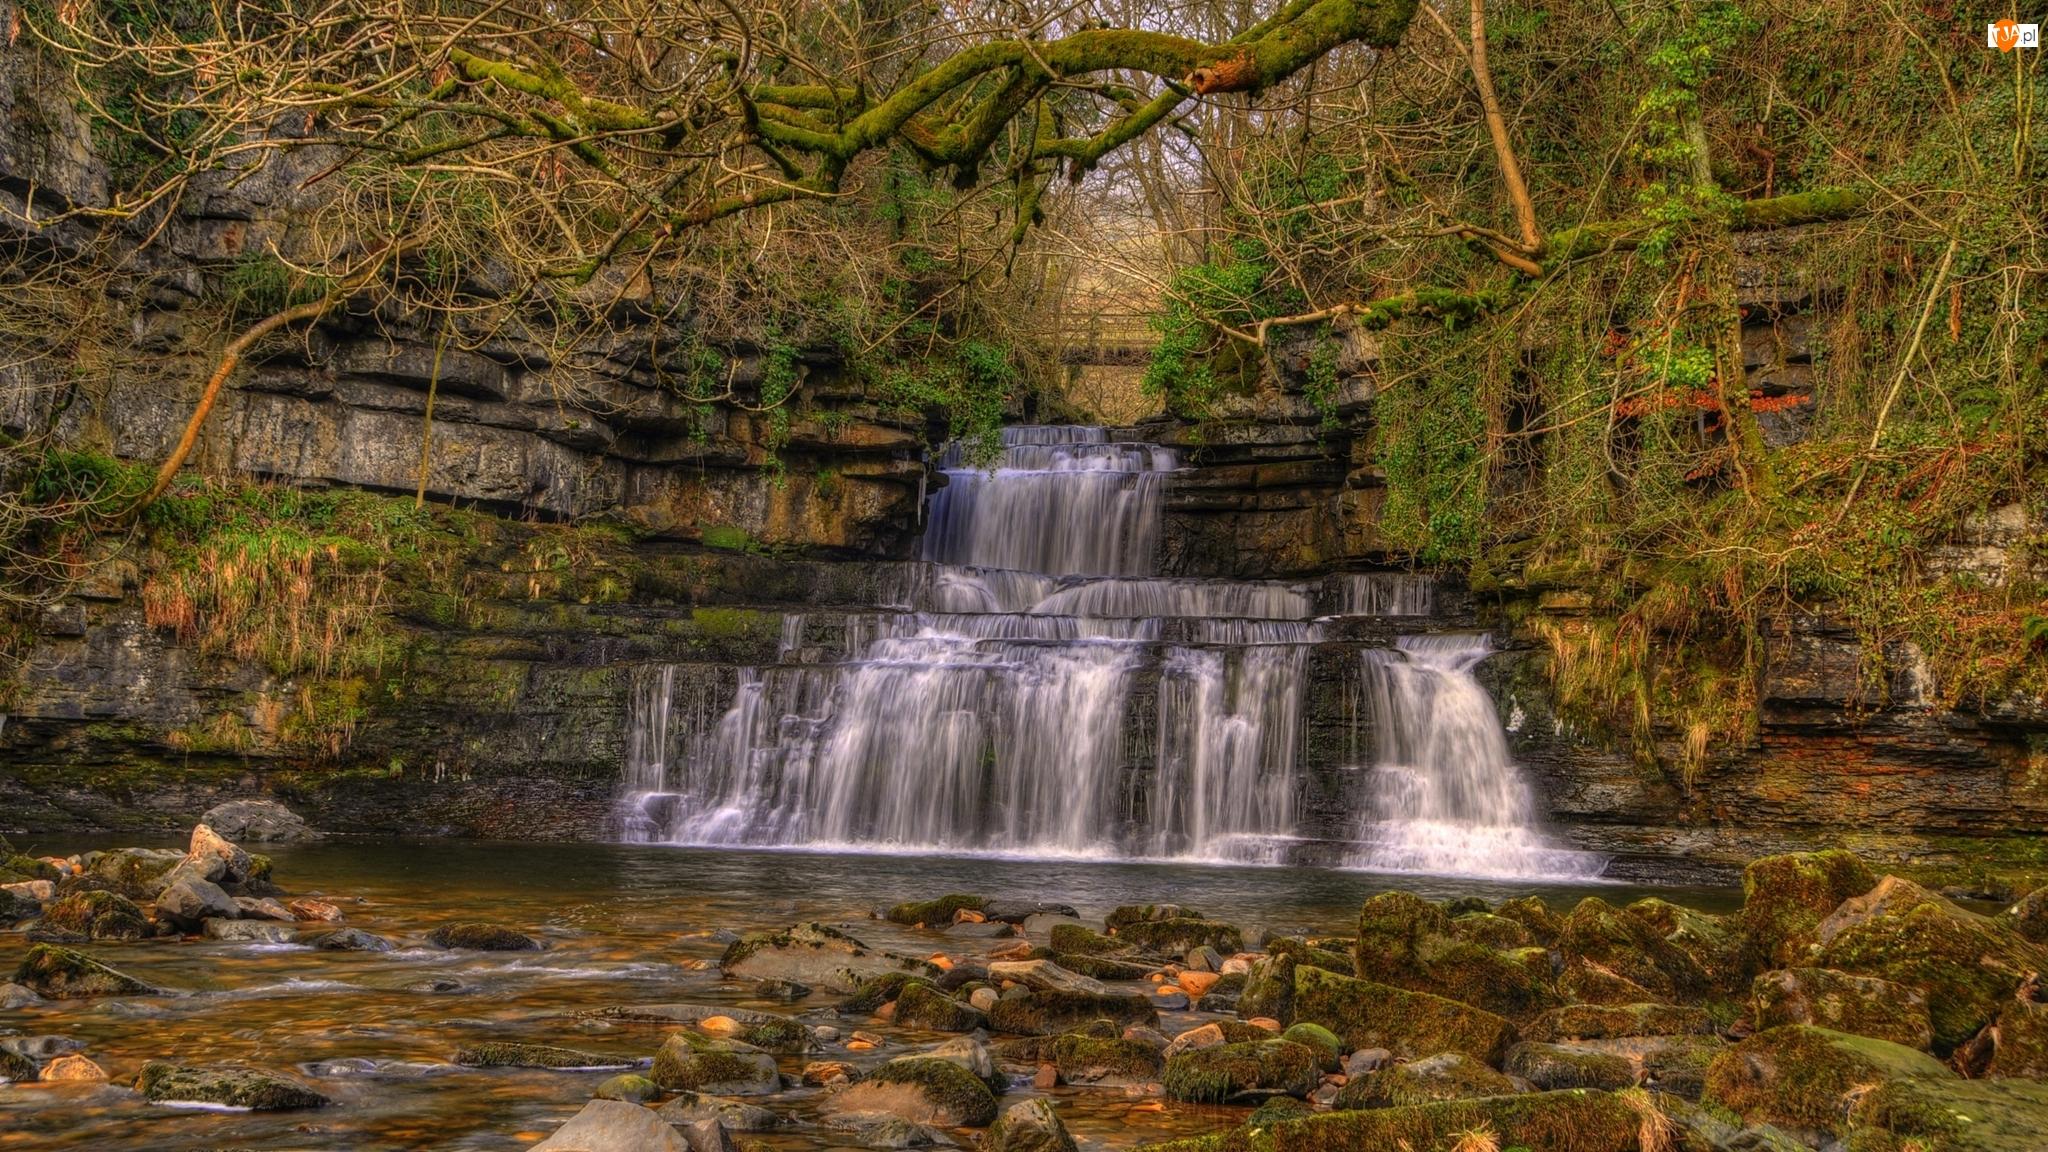 Rzeka Cotterdale Beck, Skały, Park Narodowy Yorkshire Dales, Kamienie, Anglia, Gałęzie, Wodospad Cotter Force, Omszałe